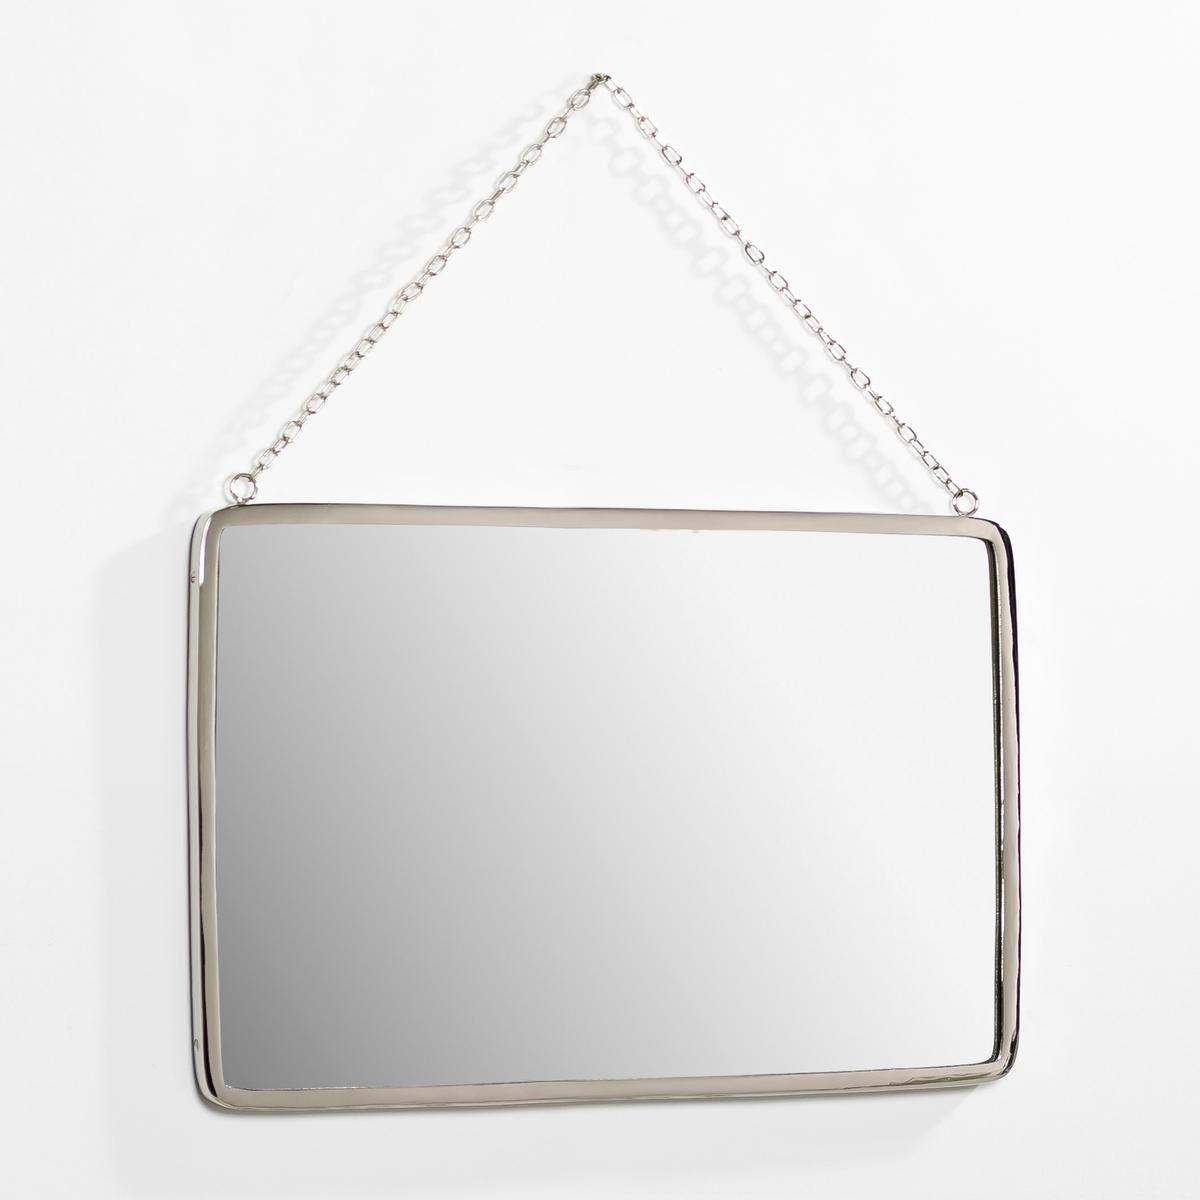 Зеркало La Redoute Прямоугольное Д50 x В37 см Barbier единый размер другие зеркало la redoute прямоугольное большой размер д x в см barbier единый размер другие